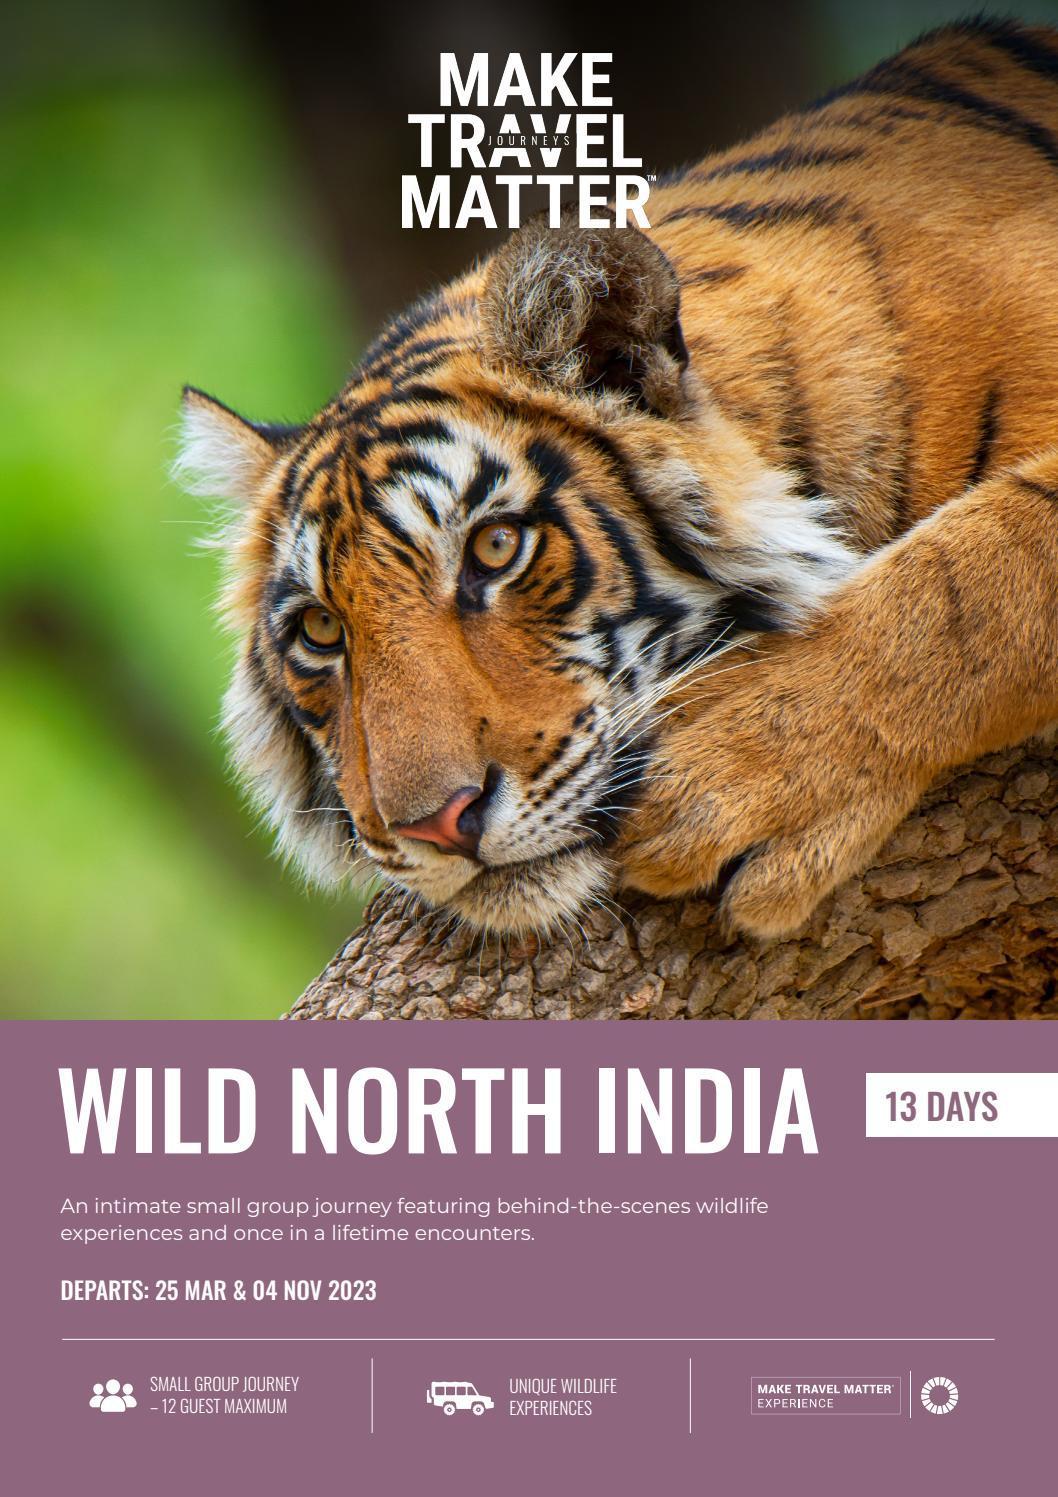 Wild North India